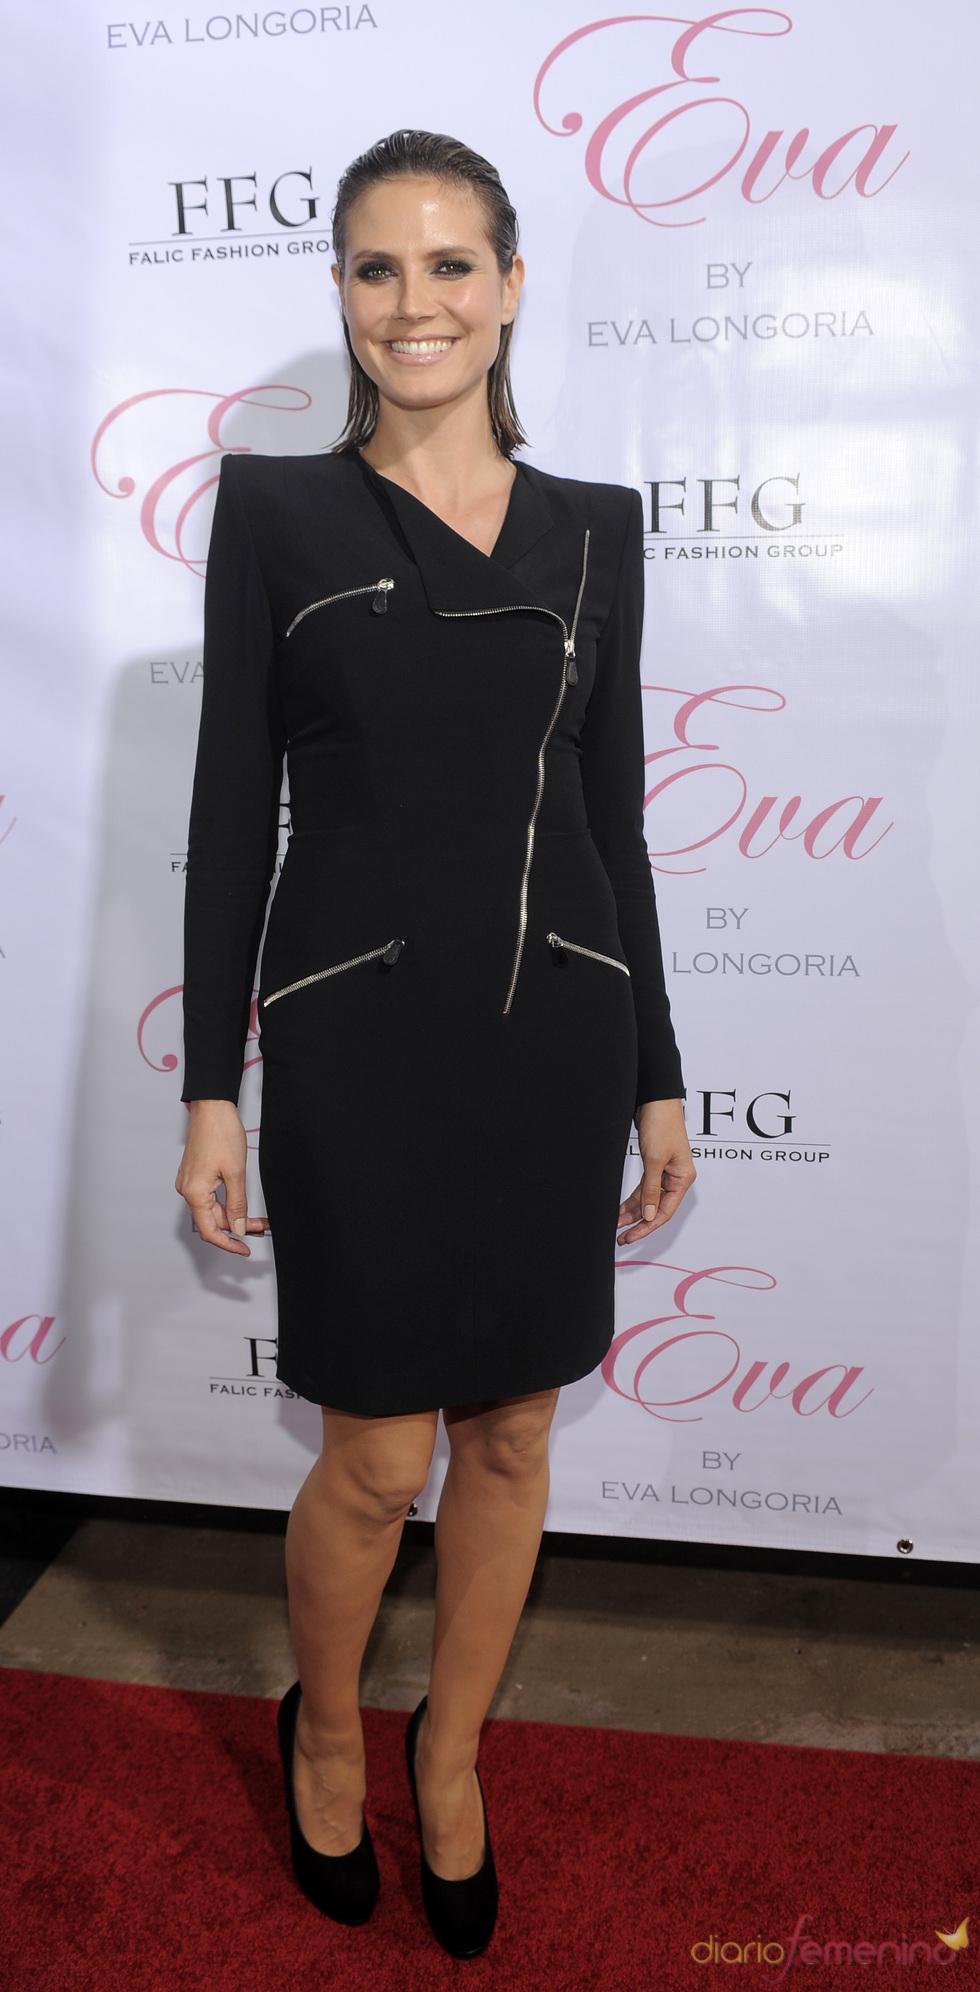 Heidi Klum en la presentación del permume 'Eva'